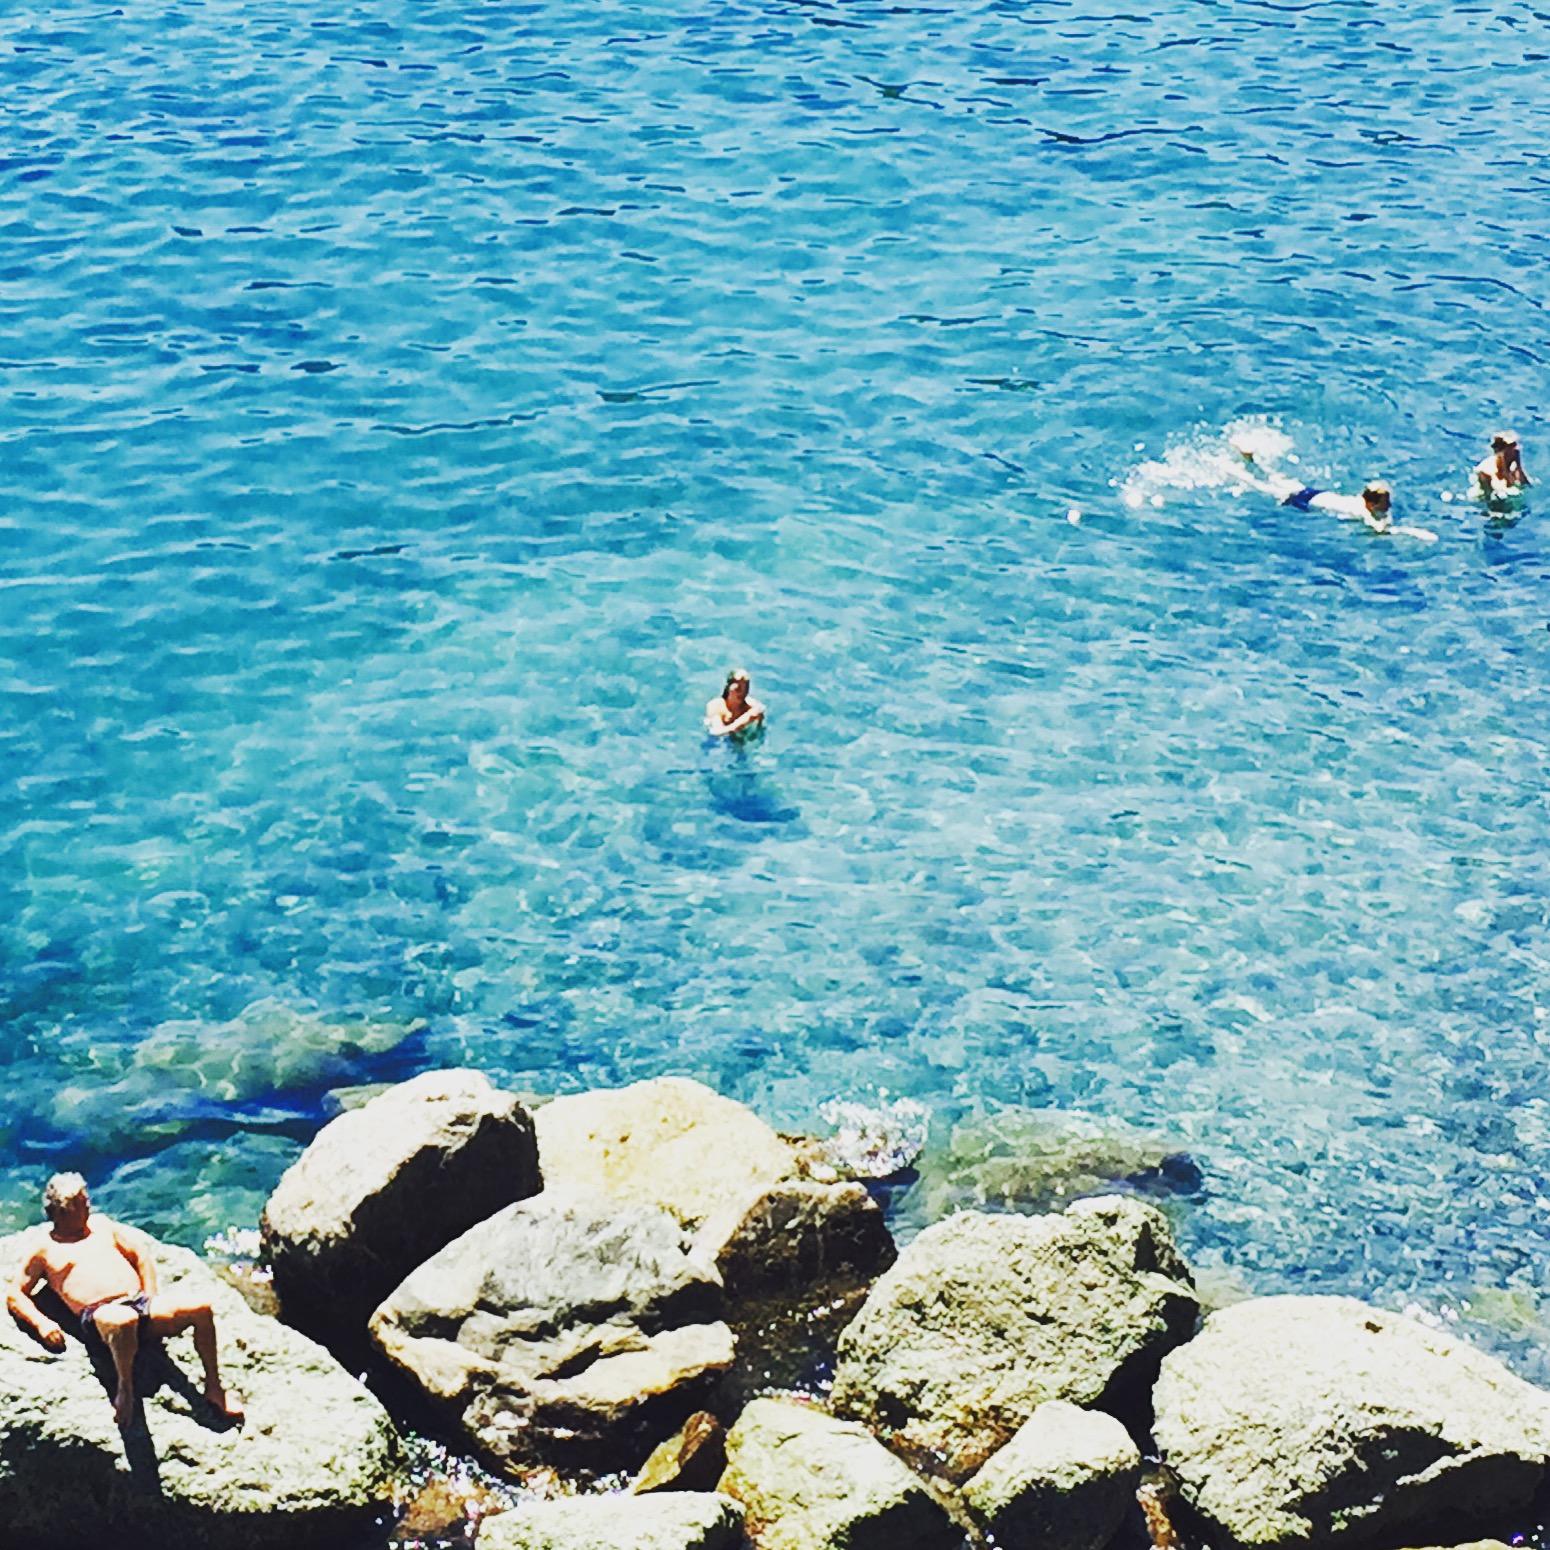 Cinque Terre, Italy, July 2015